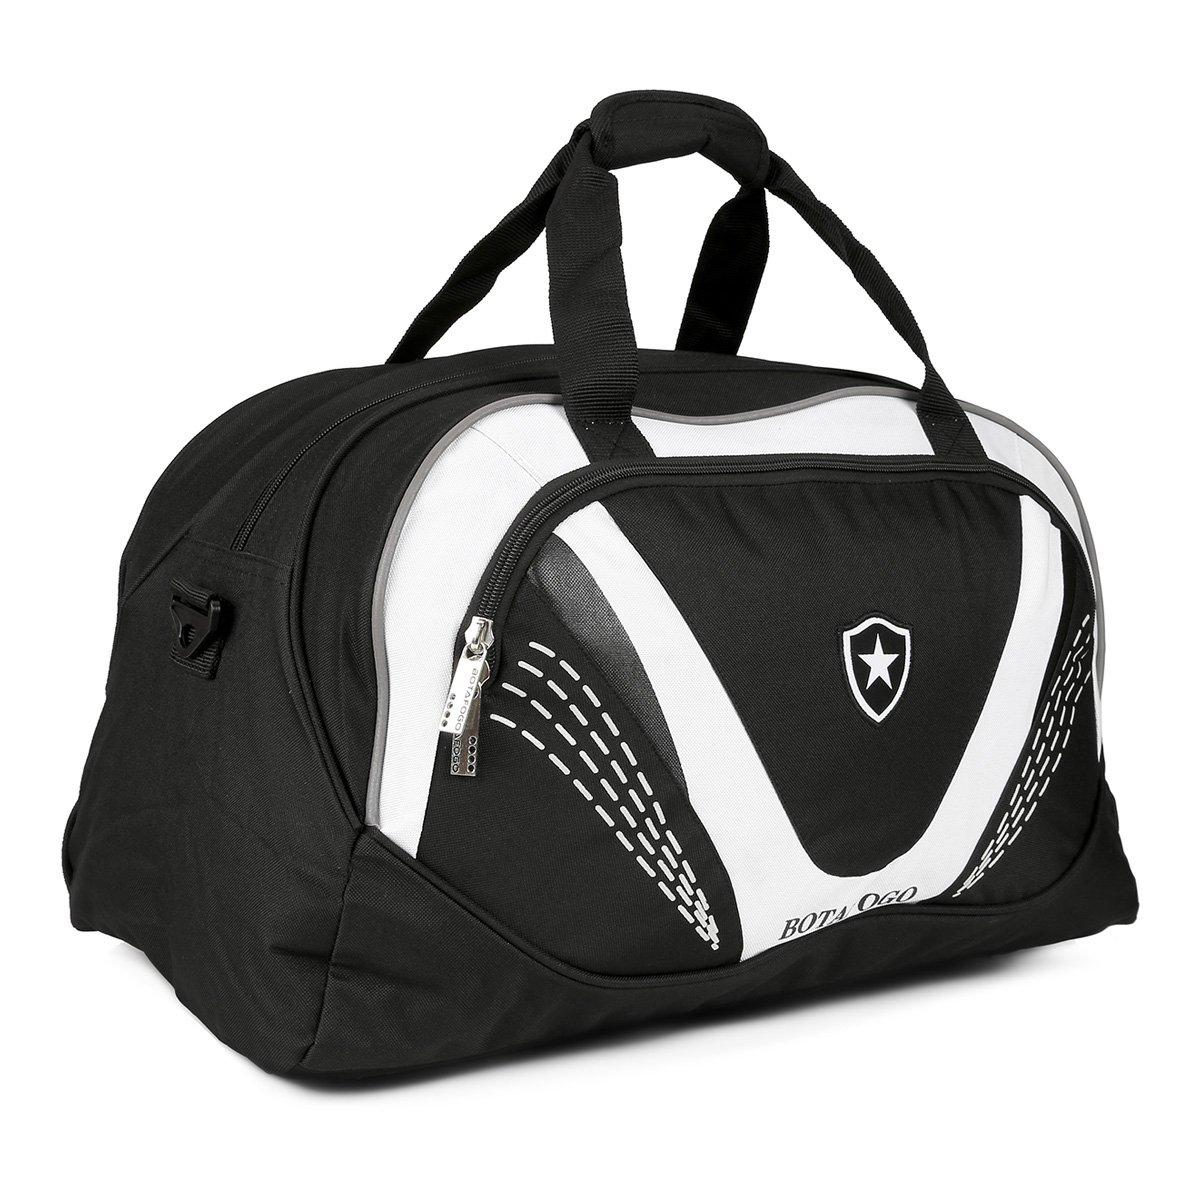 Bolsa Botafogo Viagem Simbolo - Compre Agora  53a0b87ee2fdf